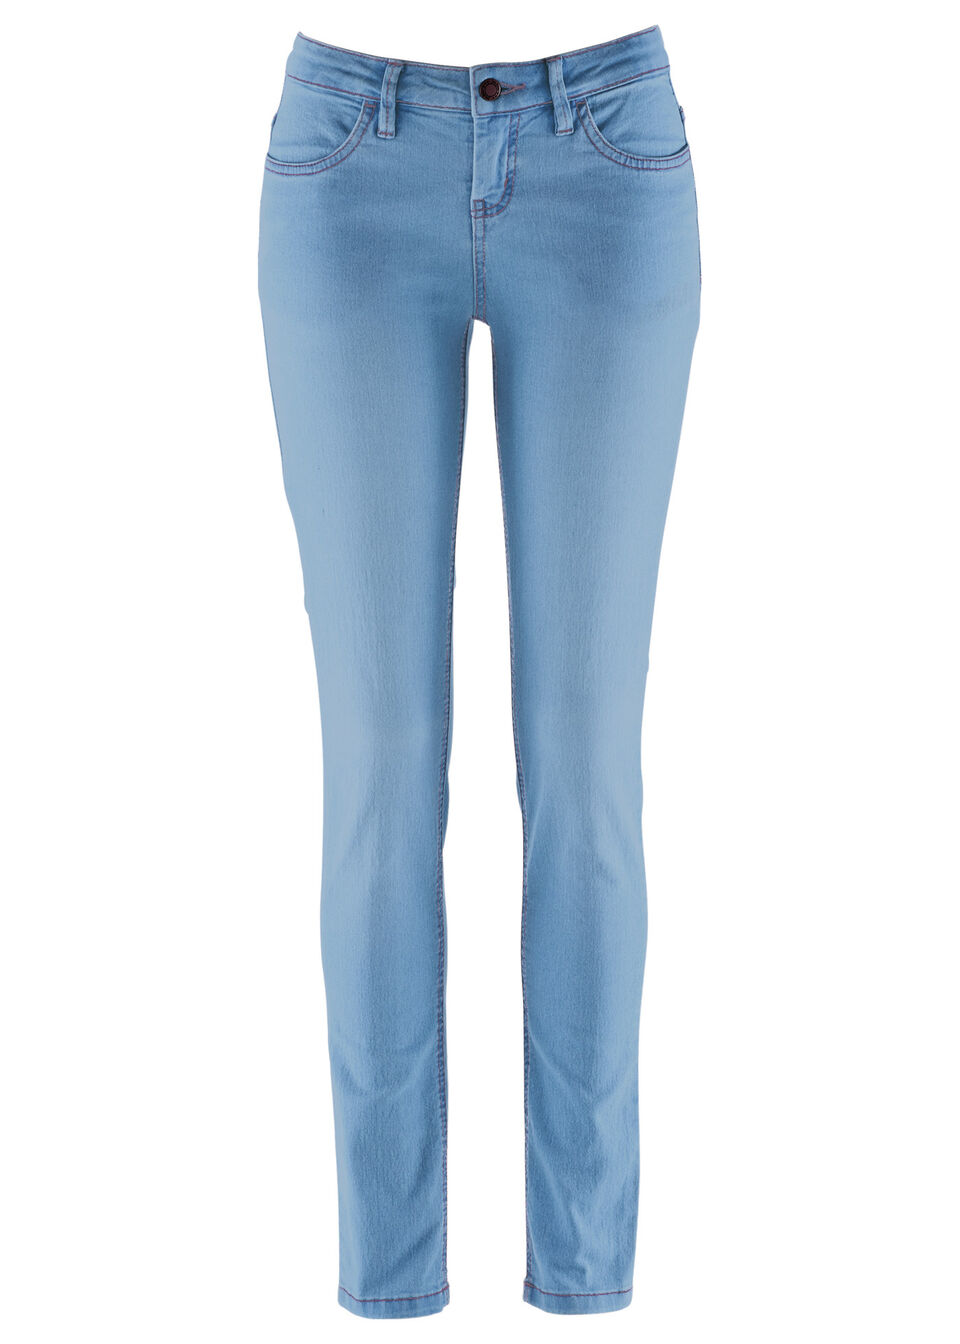 Фото - Удобные джинсы-стретч SKINNY от bonprix нежно-голубого цвета